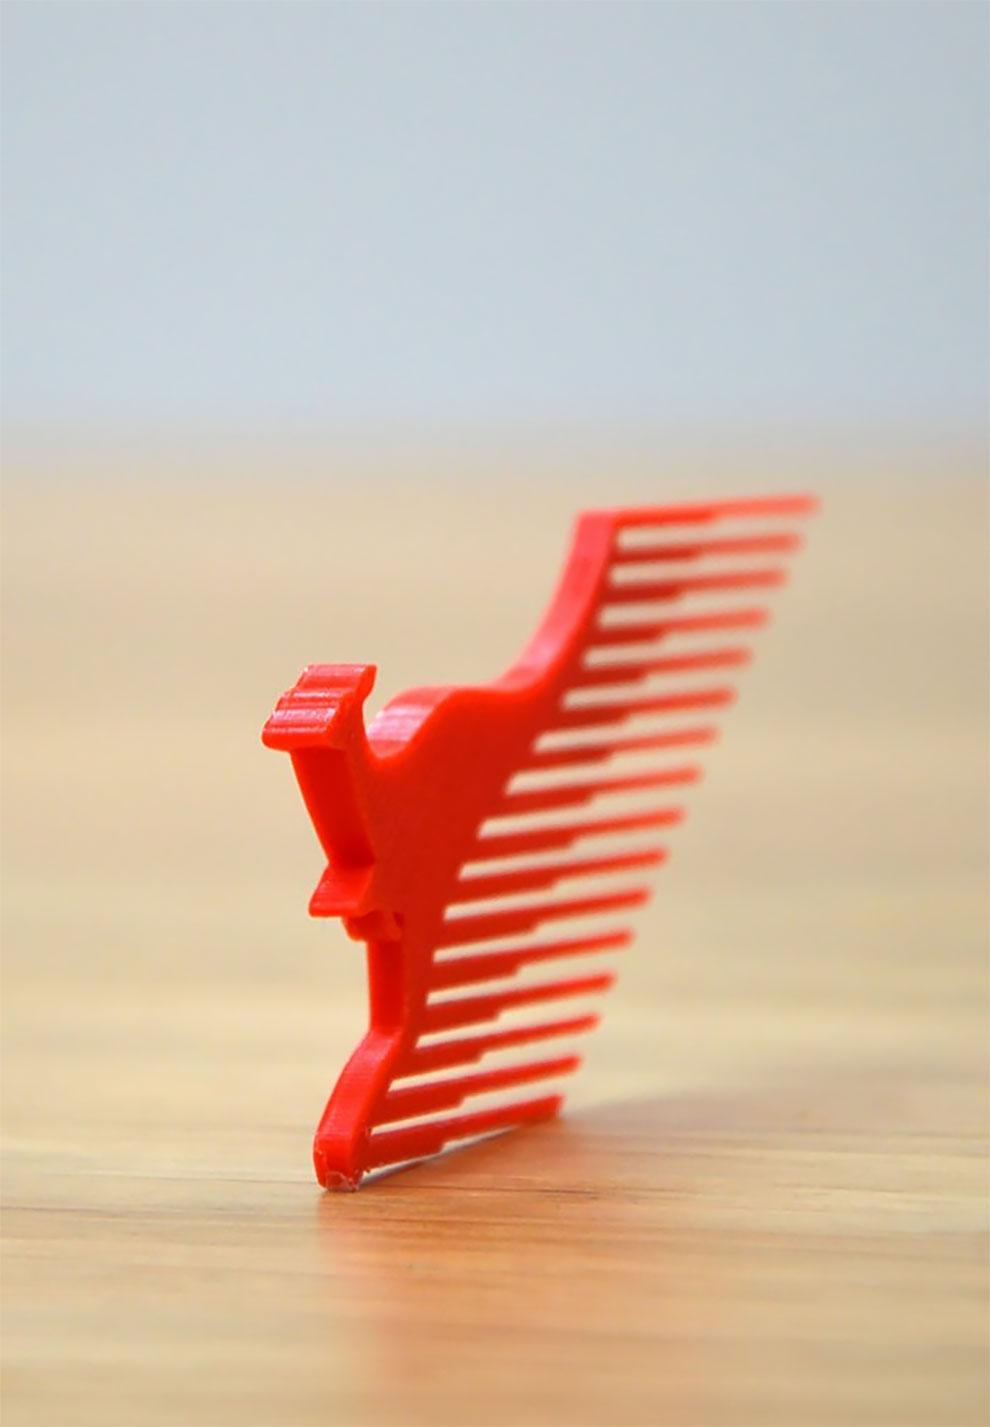 Известные эмблемы брендов созданные на 3D принтере которые можно использовать в повседневной жизни